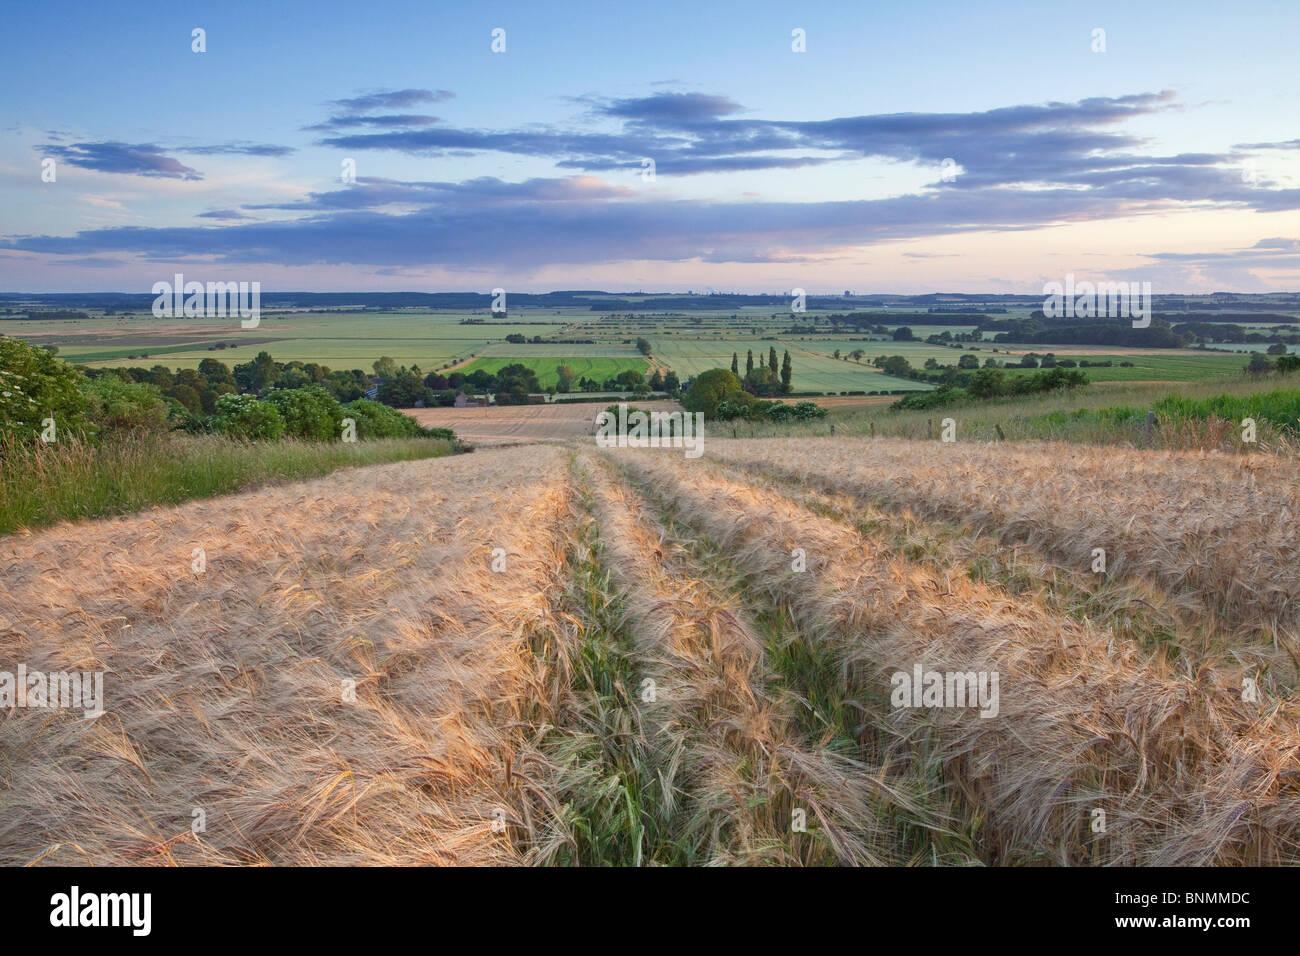 Une vue de la rivière Ancholme valley à partir d'un champ d'orge sur le Lincolnshire Wolds un Photo Stock